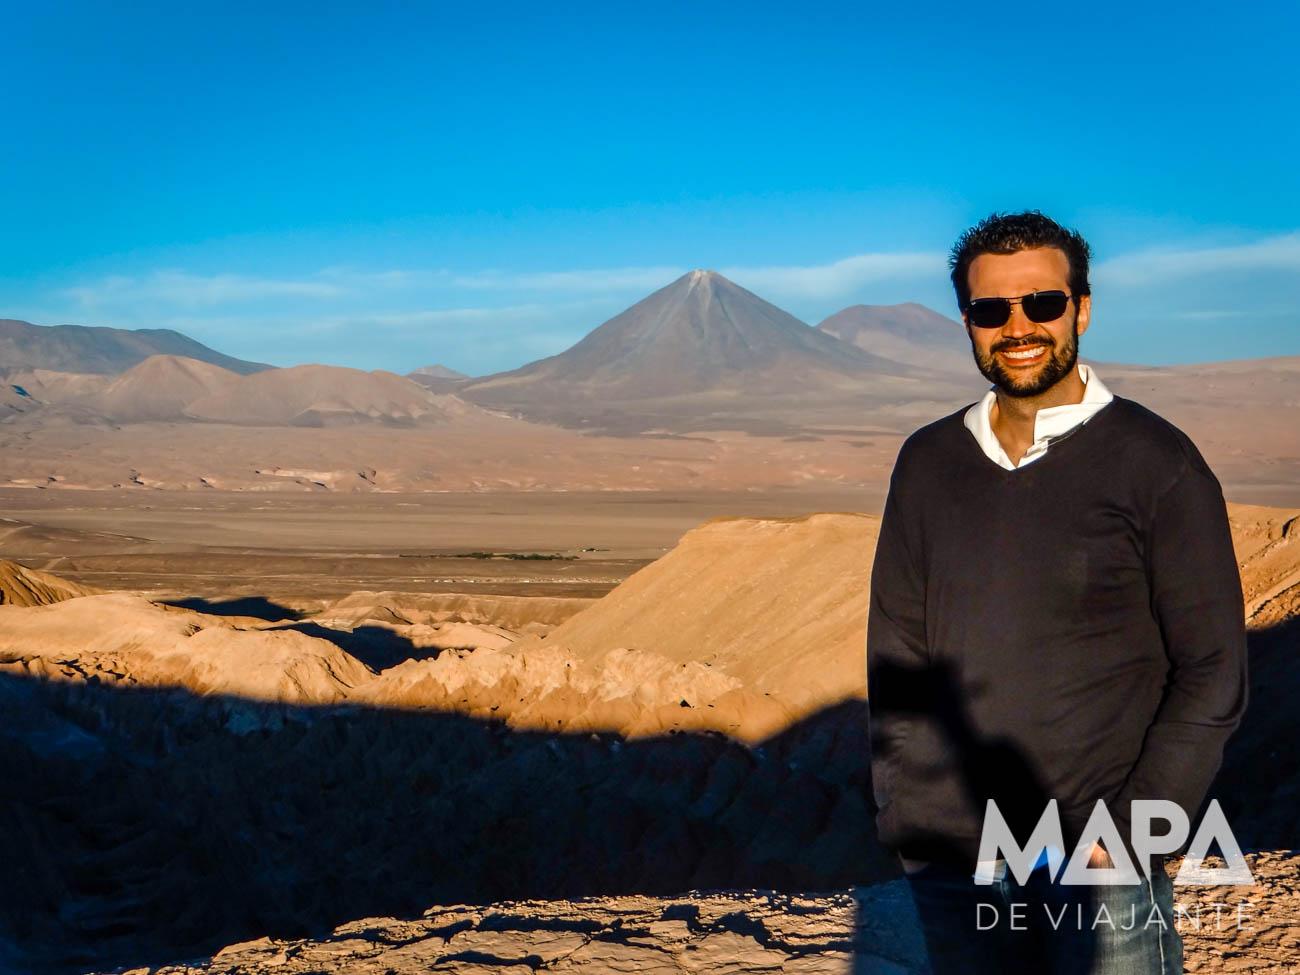 Valle de la Muerte Deserto do Atacama